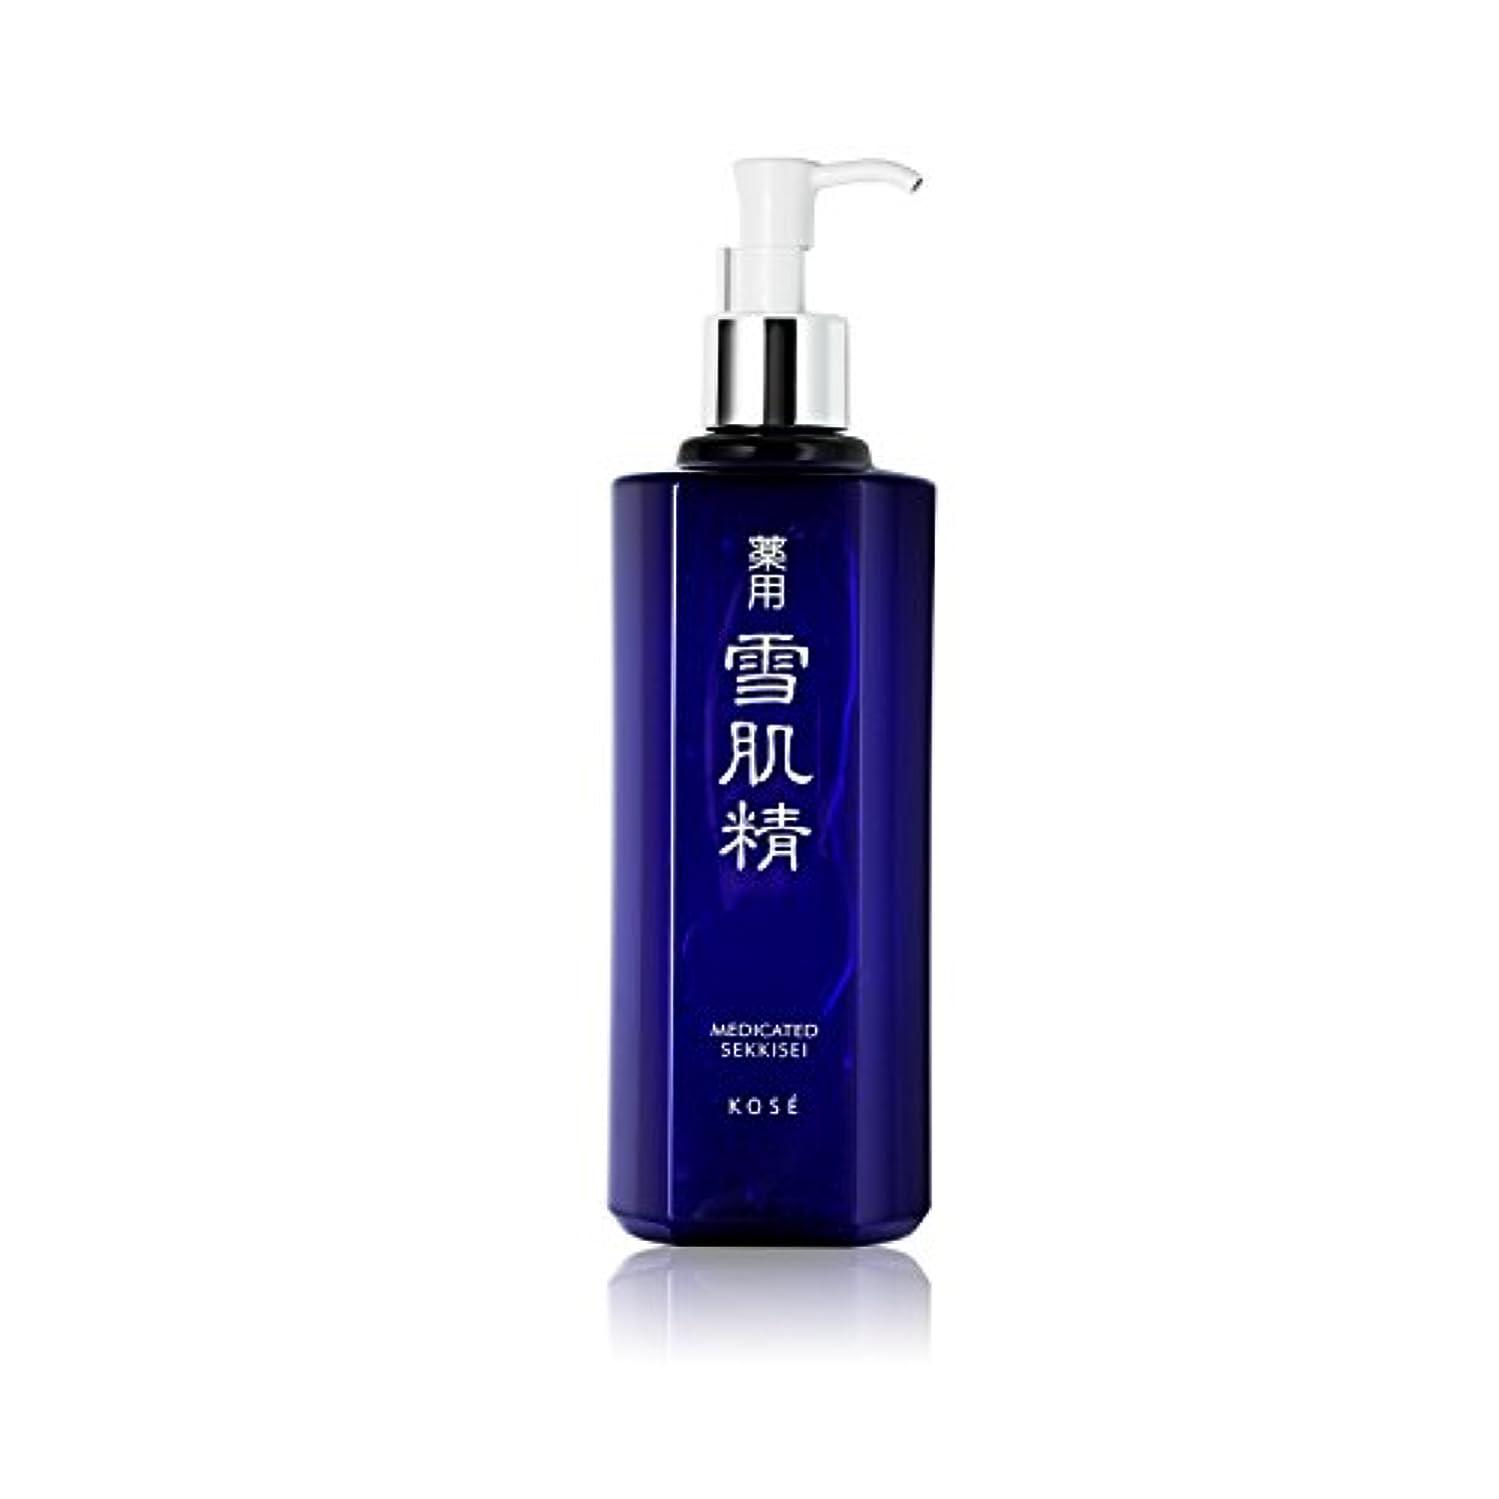 いっぱい覚醒デッド【コーセー】薬用雪肌精 スーパービッグボトル 500ml